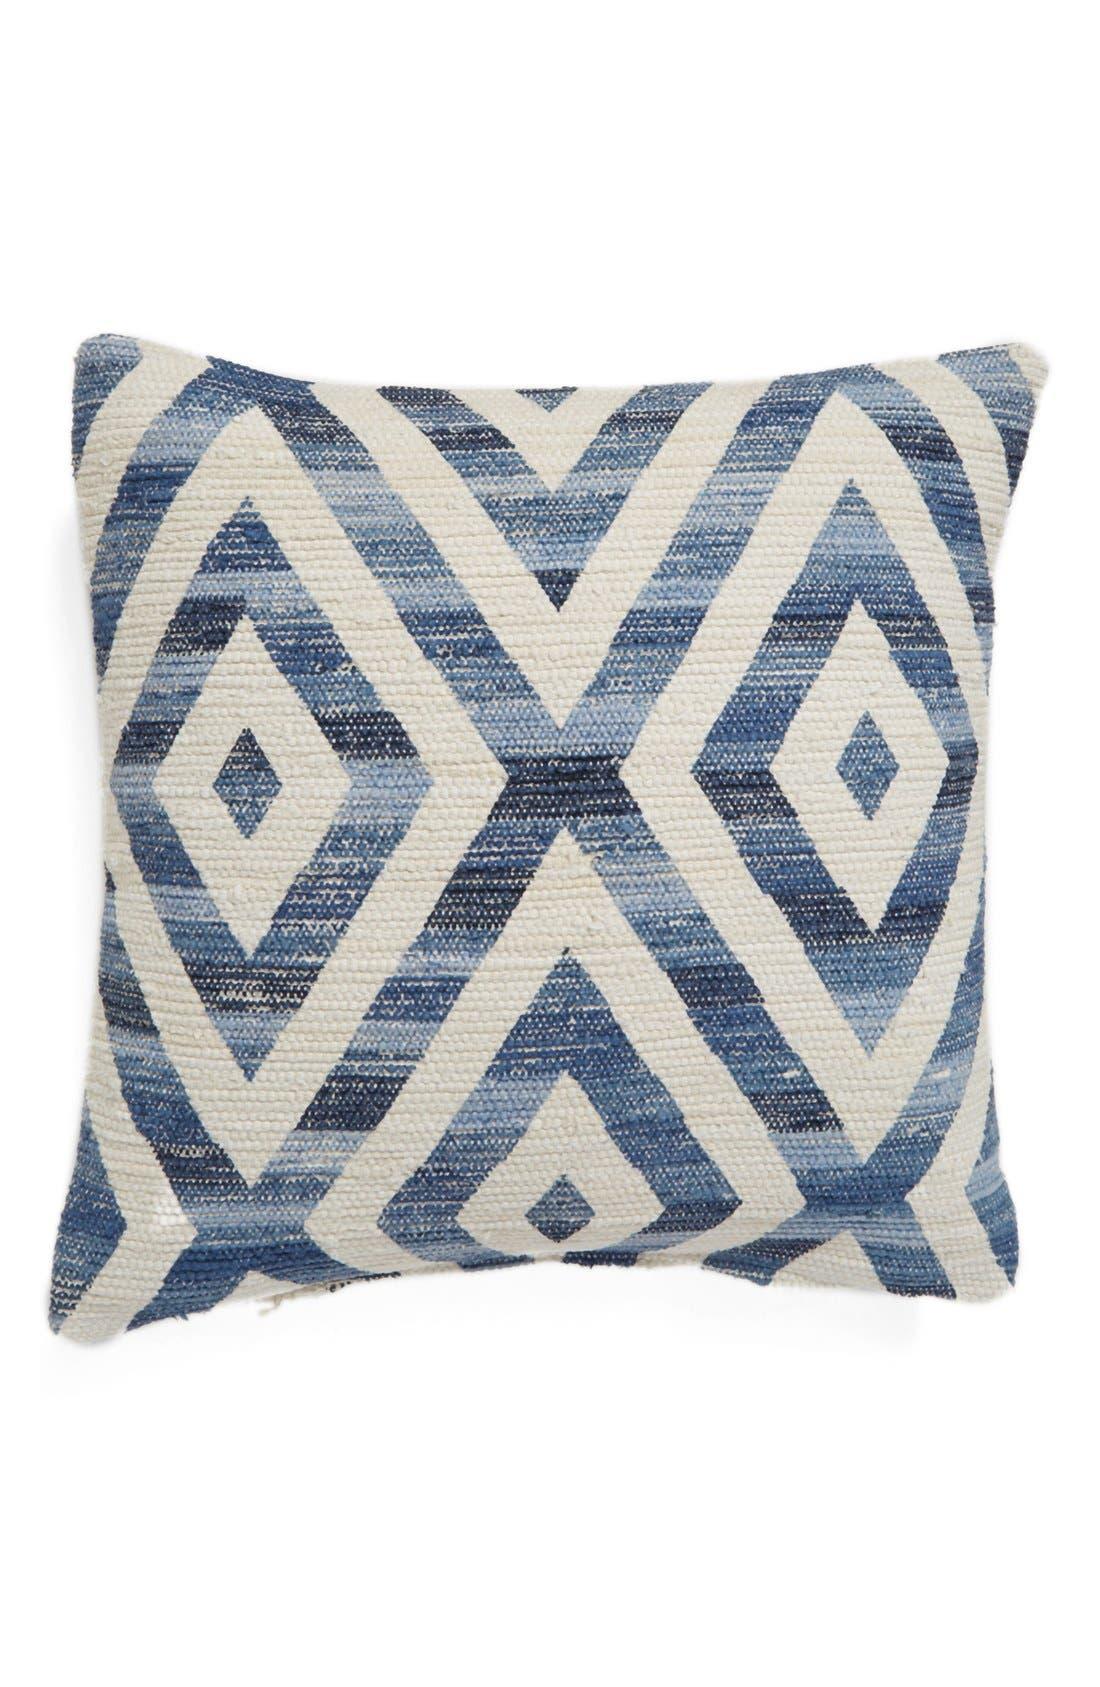 Brentwood Originals 'Ombré Denim' Pillow